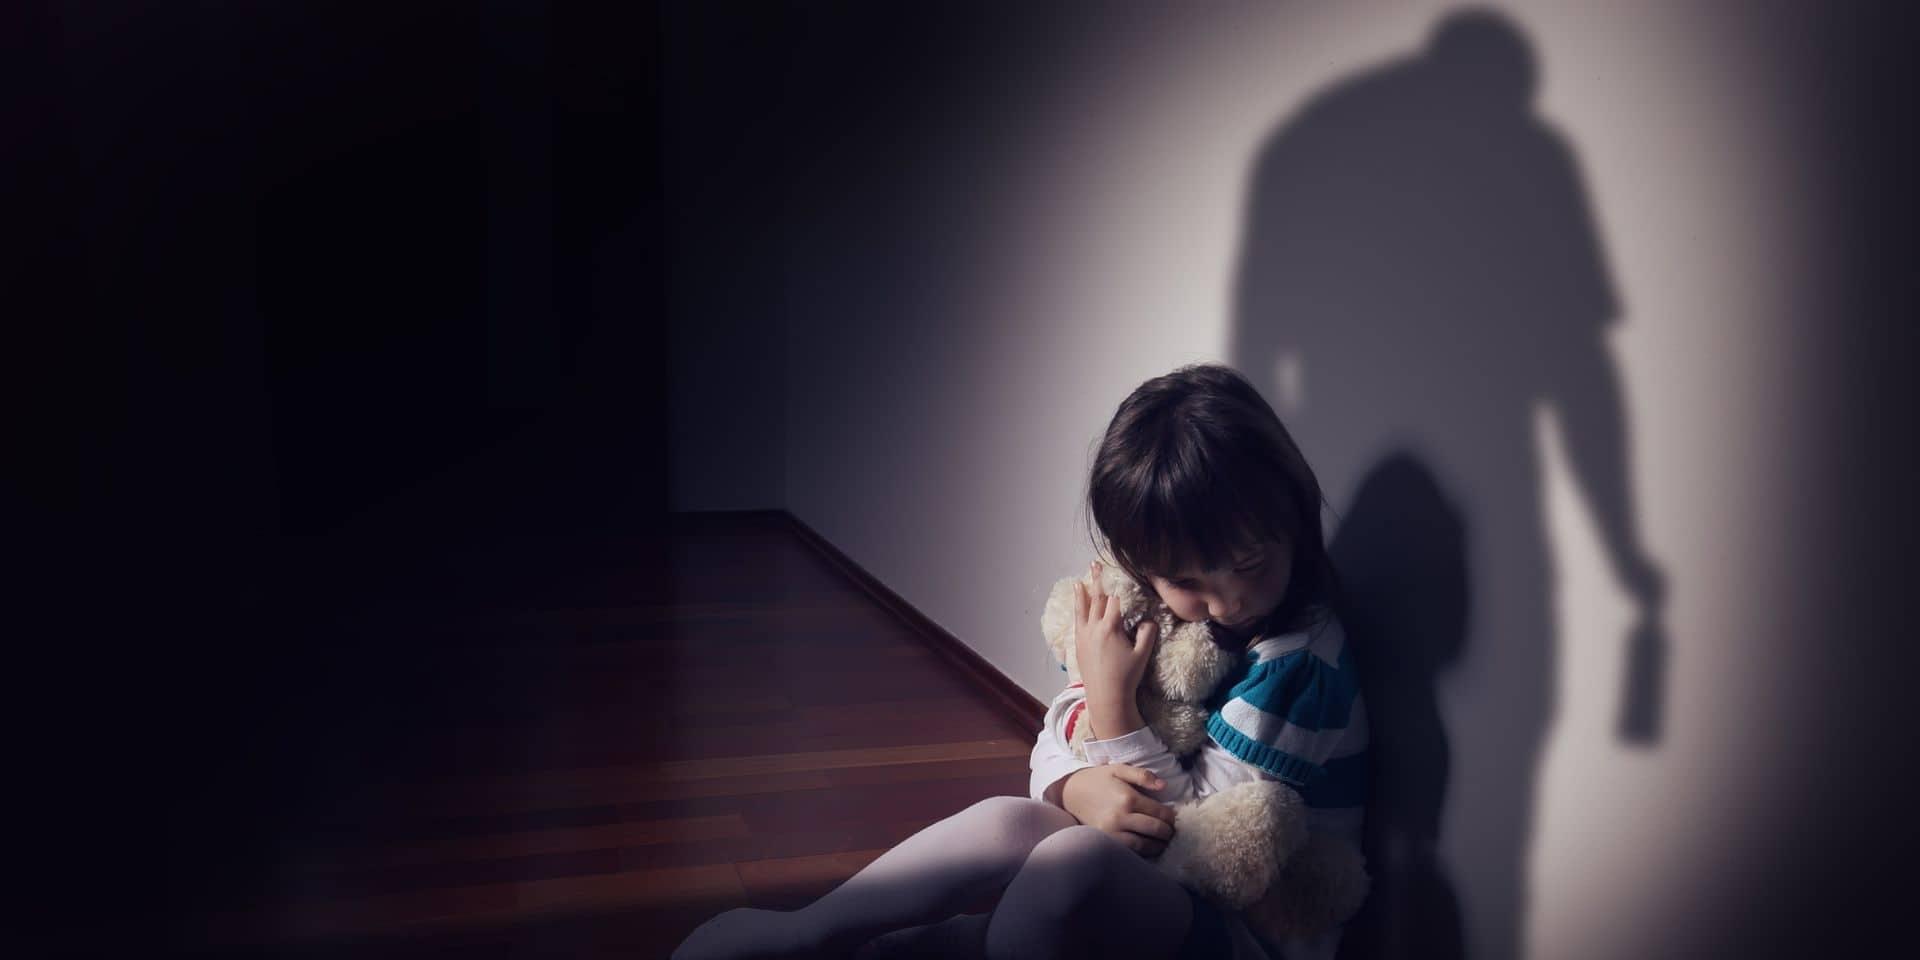 Il violait sa soeur pour se venger de son père : 5 ans avec sursis